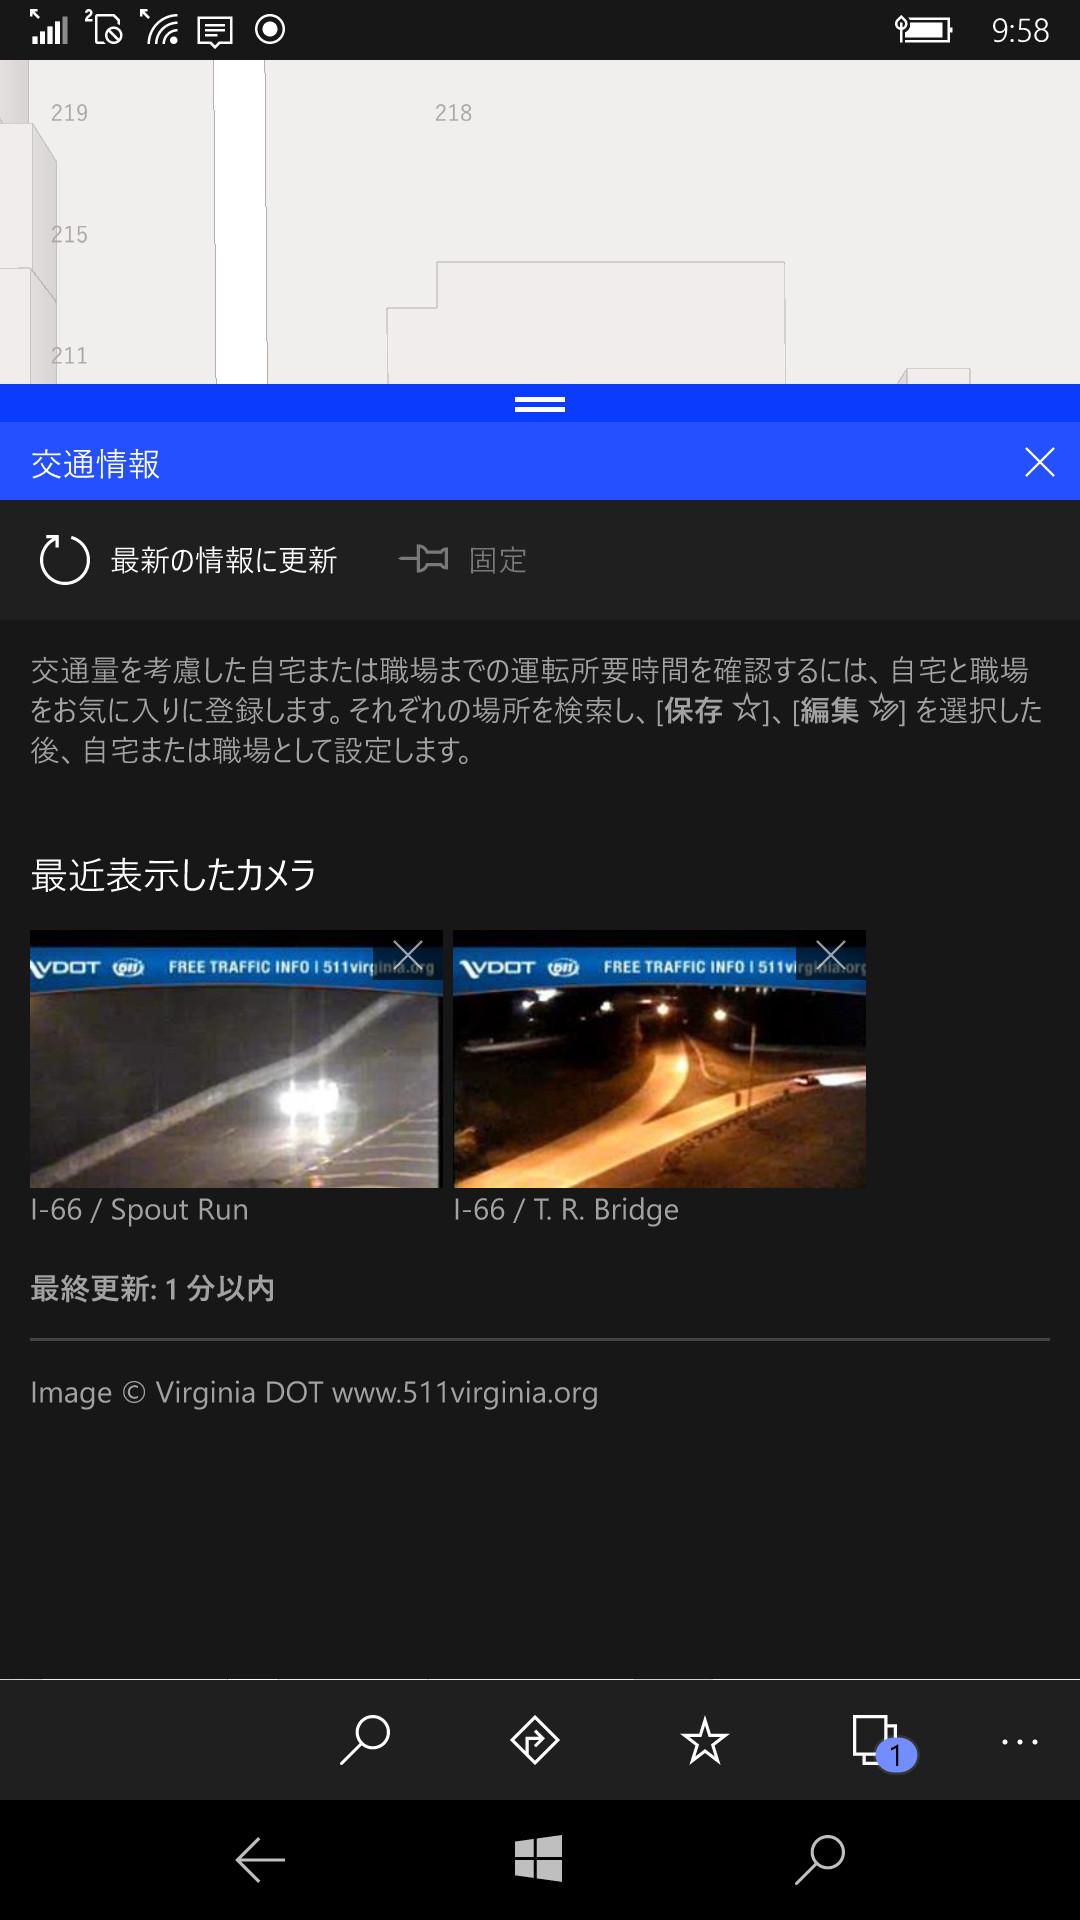 […]ボタン→[交通情報]と順にタップすると、直近のカメラがひと目で確認できる。この機能自体は便利だ